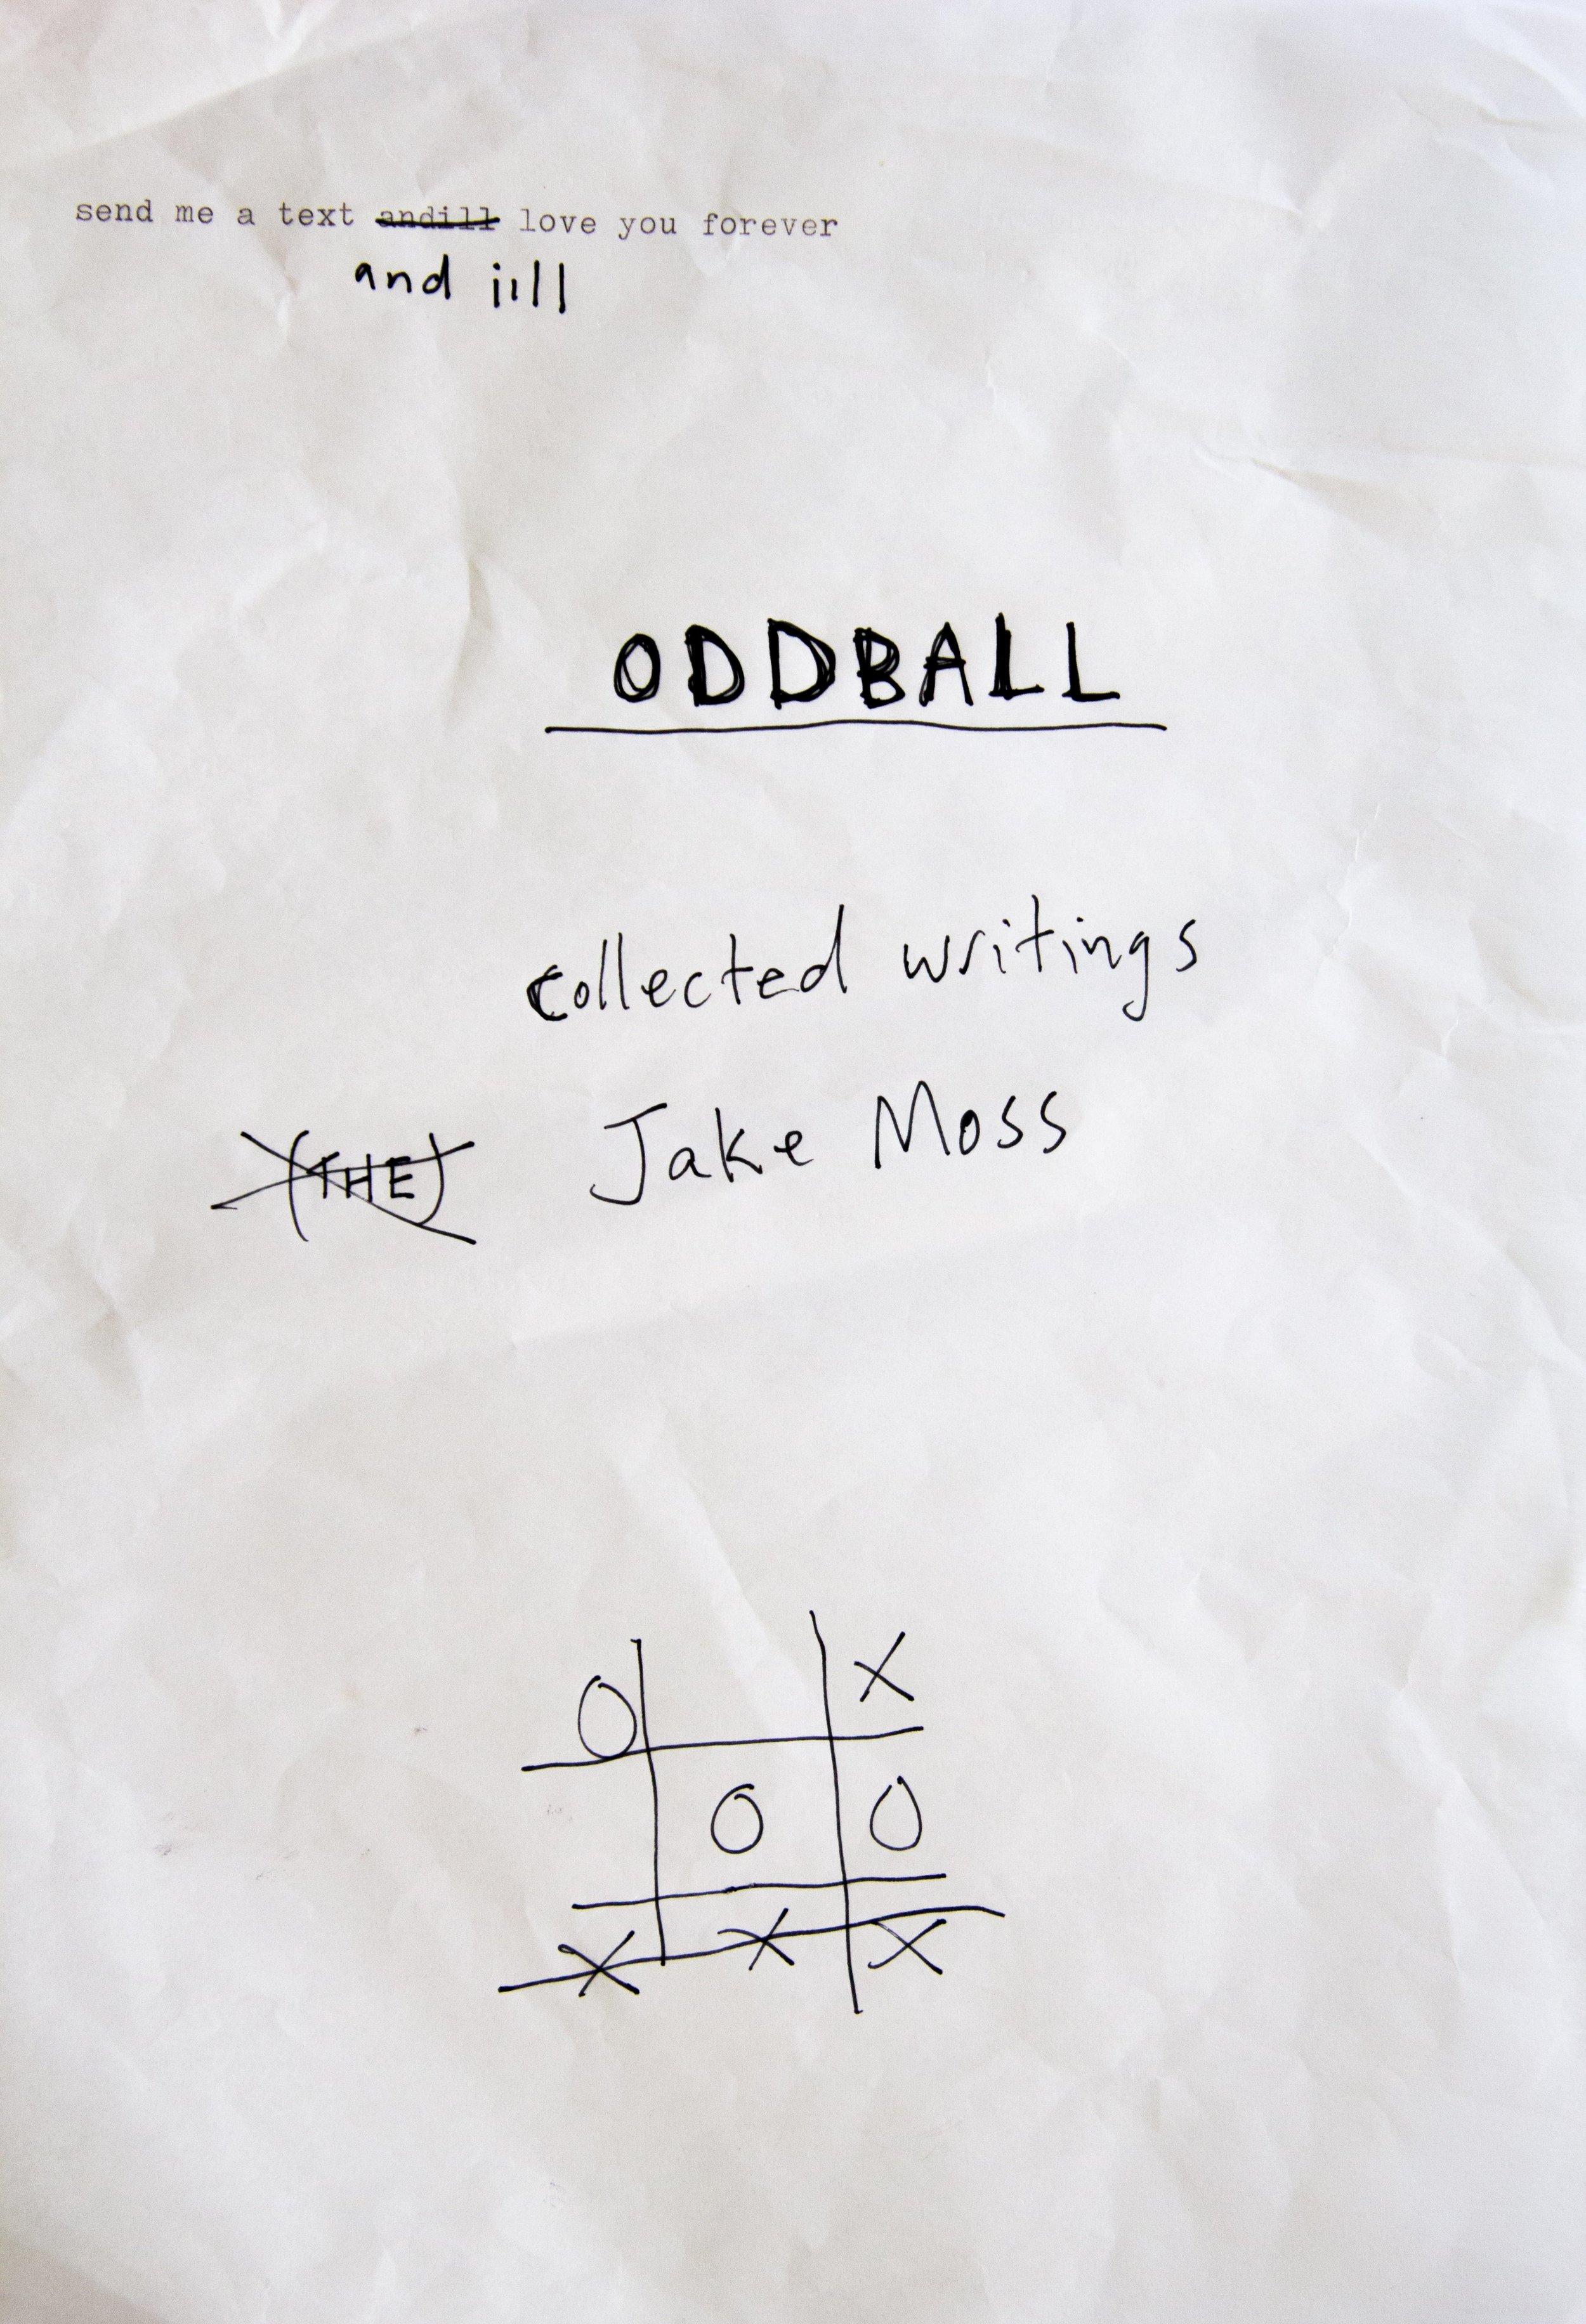 Oddball cover